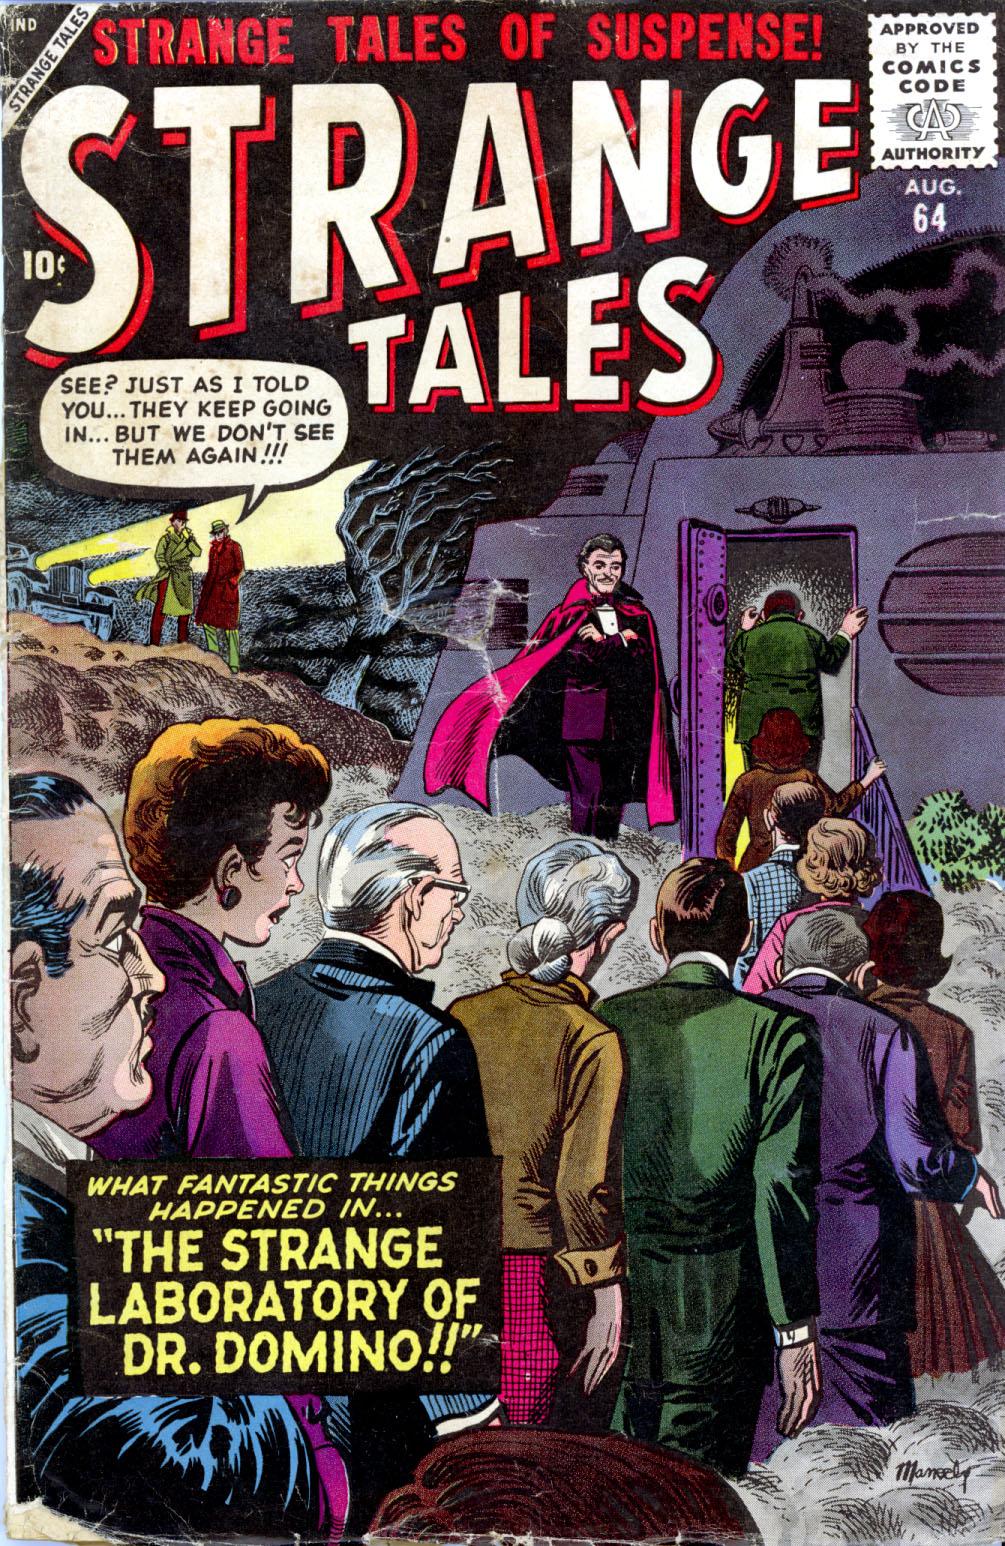 Strange Tales (1951) 64 Page 1